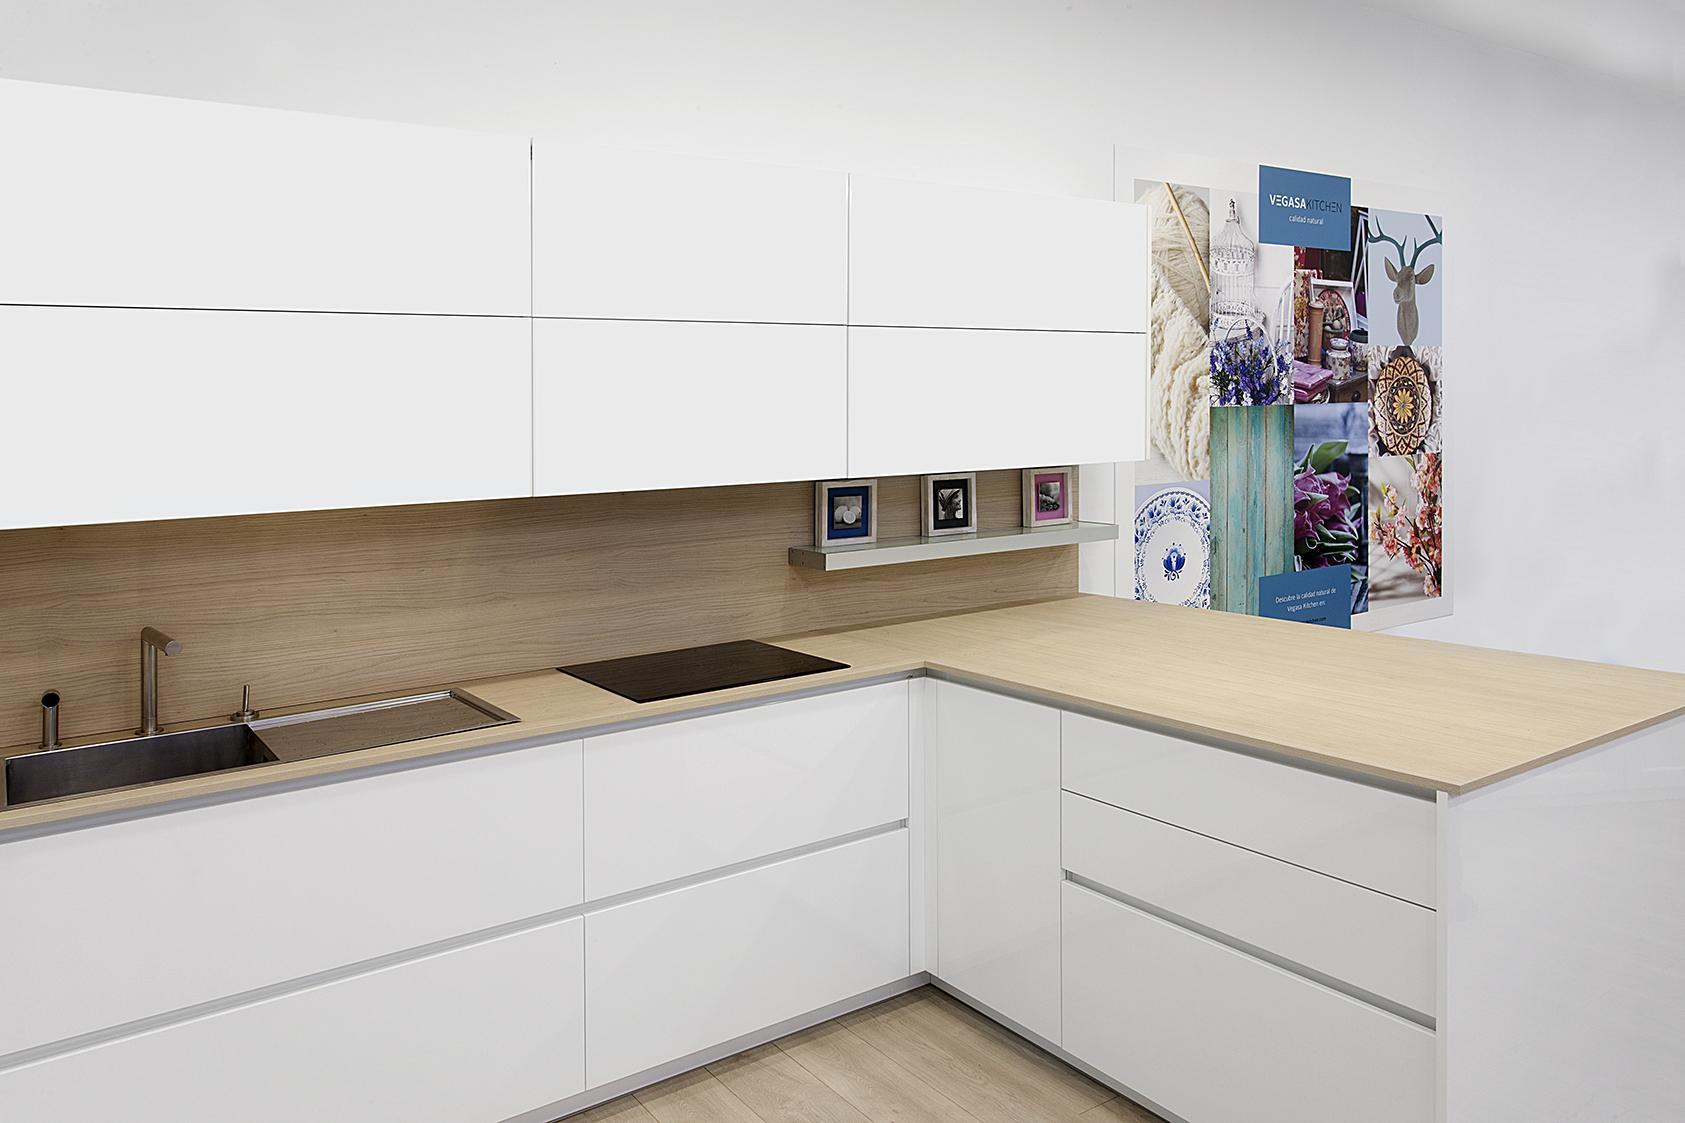 Vegasa kitchen on twitter descubre los muebles de for Muebles de cocina vegasa